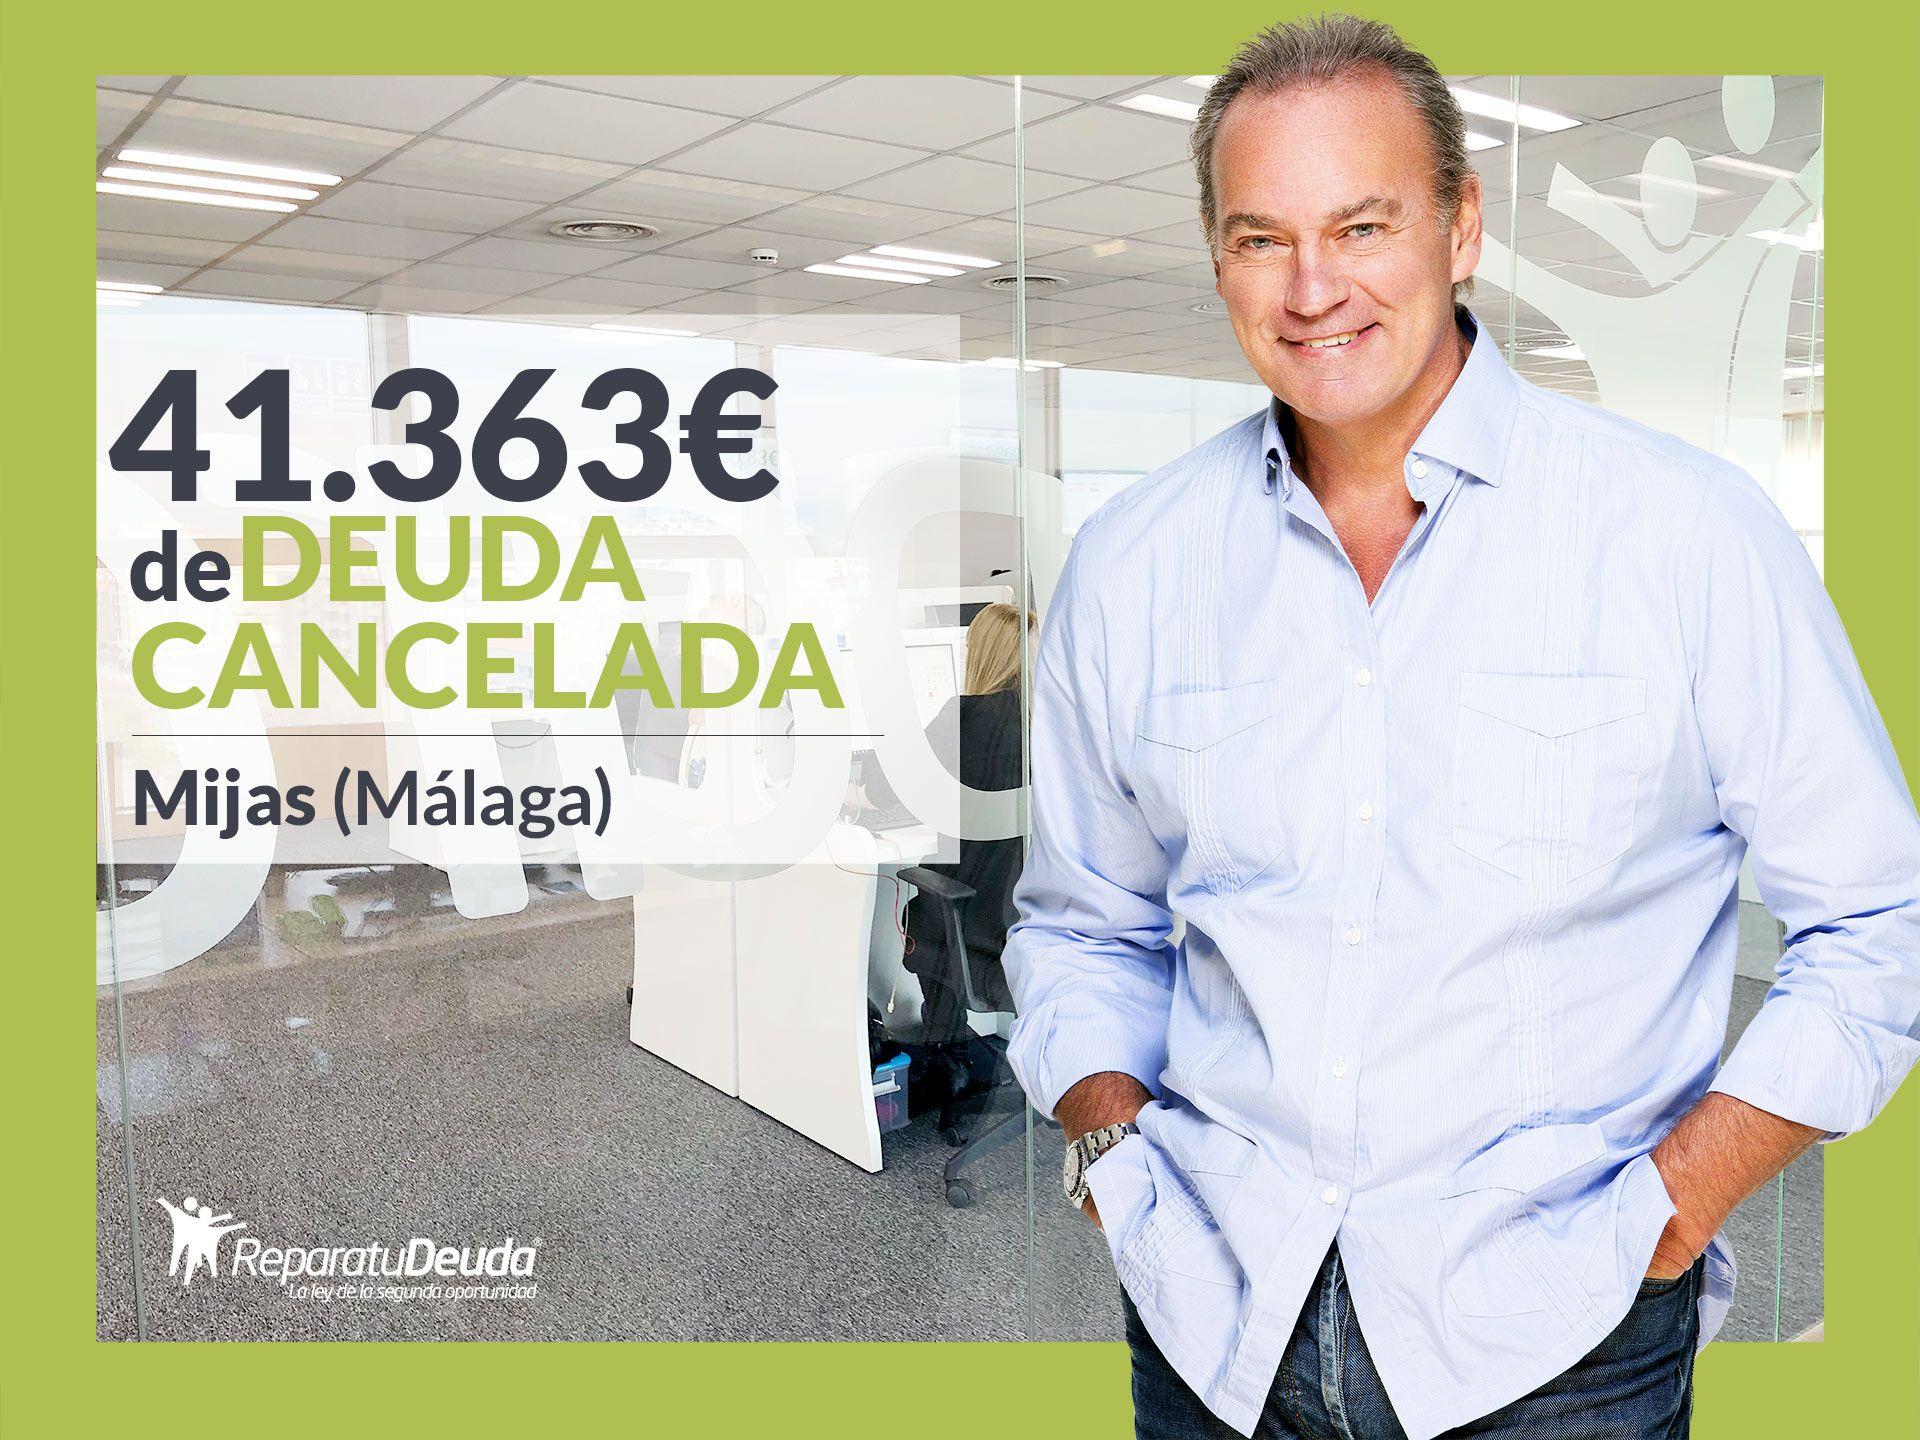 https://static.comunicae.com/photos/notas/1225855/1623238239_REPARAminBEPI_ENCARNACION_GARCIA_PEREZ.jpg